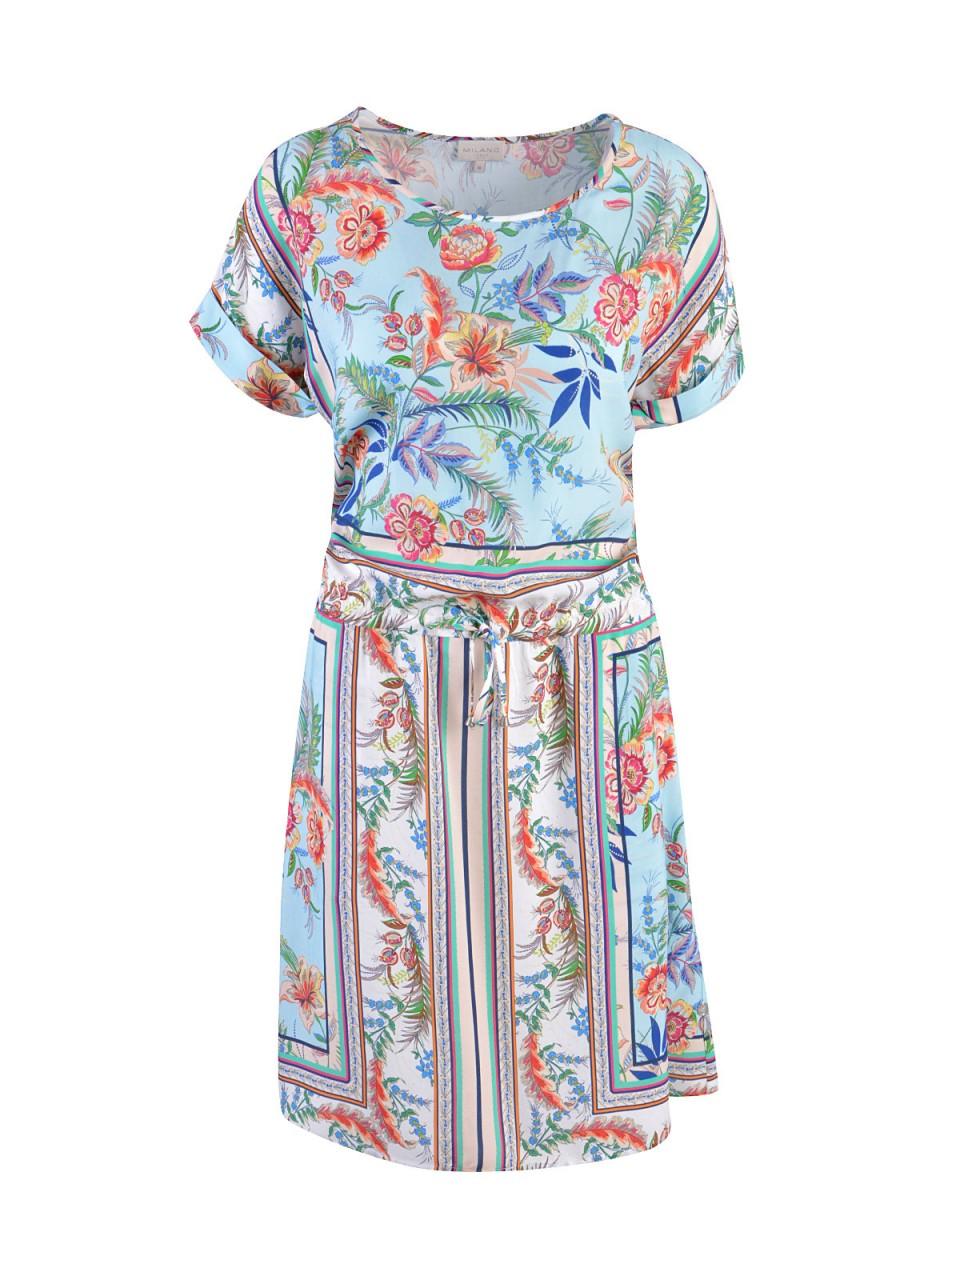 Kleider - MILANO ITALY Damen Kleid, blau  - Onlineshop Designermode.com